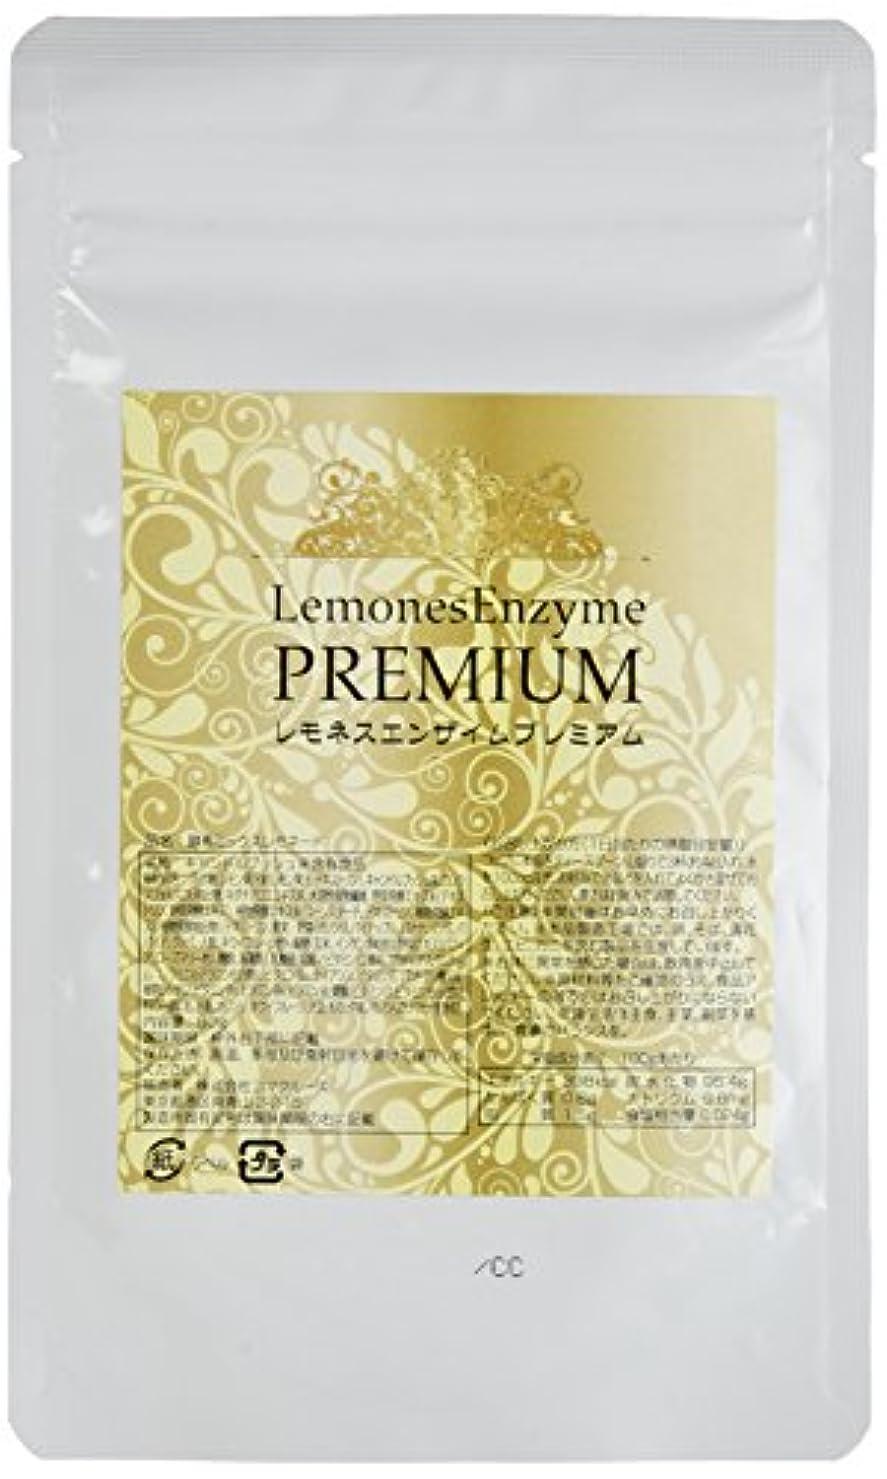 腸拒絶する信頼Lemones Enzyme PREMIUM(レモネスエンザイムプレミアム)